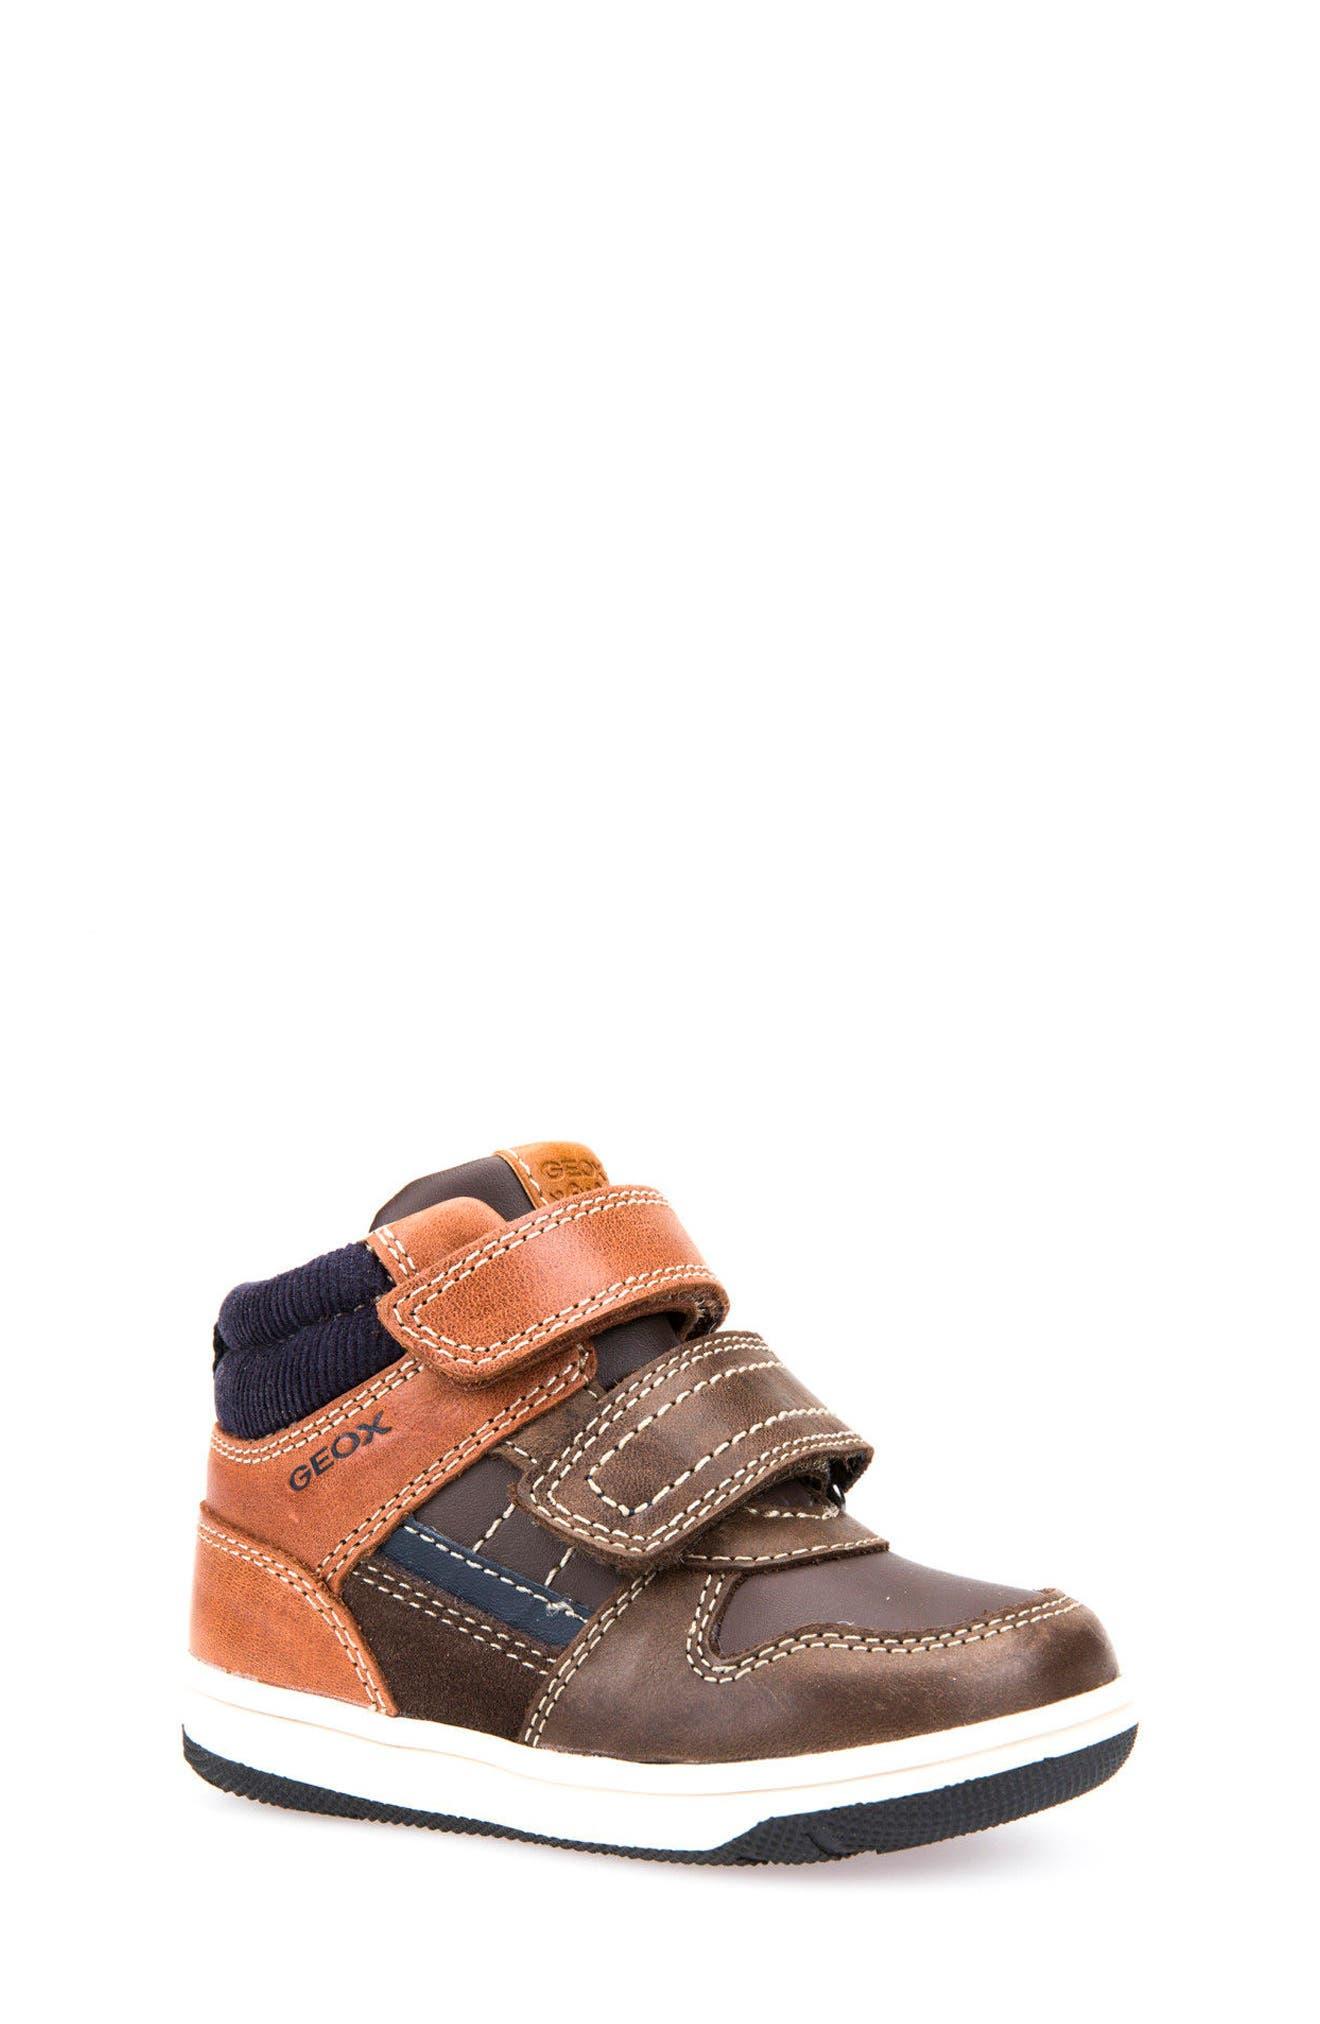 Main Image - Geox New Flick Mid Top Sneaker (Walker & Toddler)